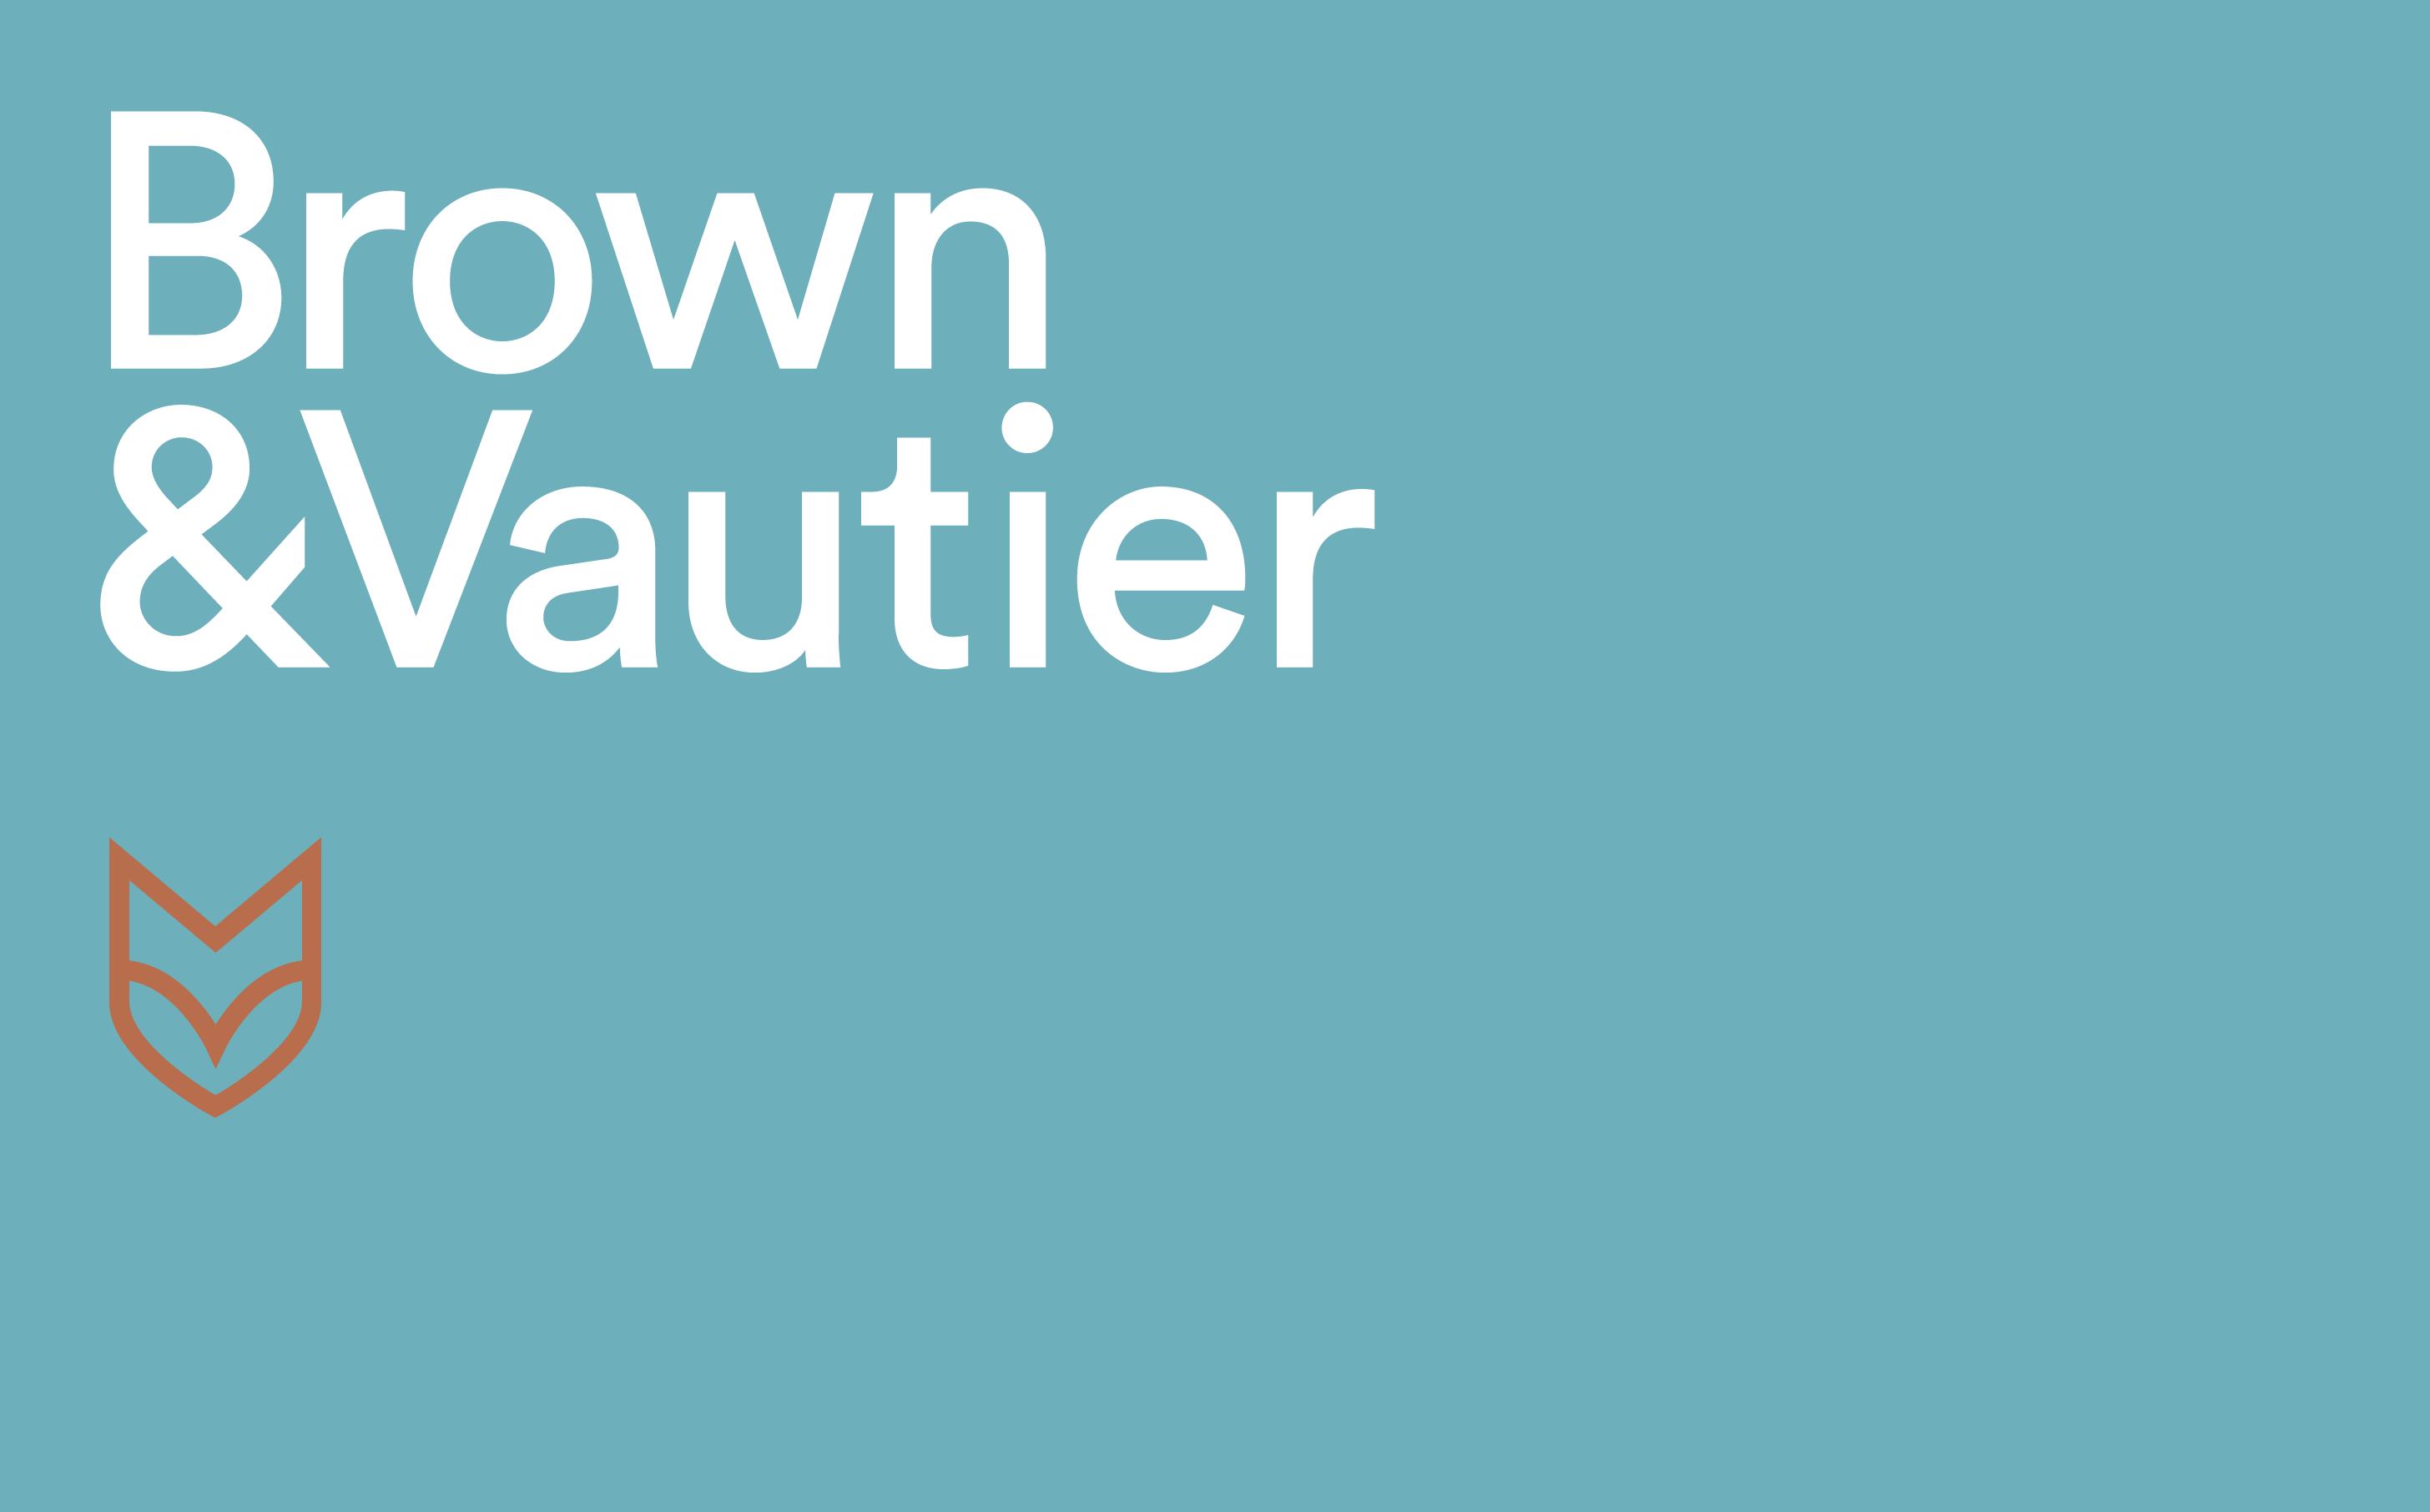 Brown-Vautier-logo-design